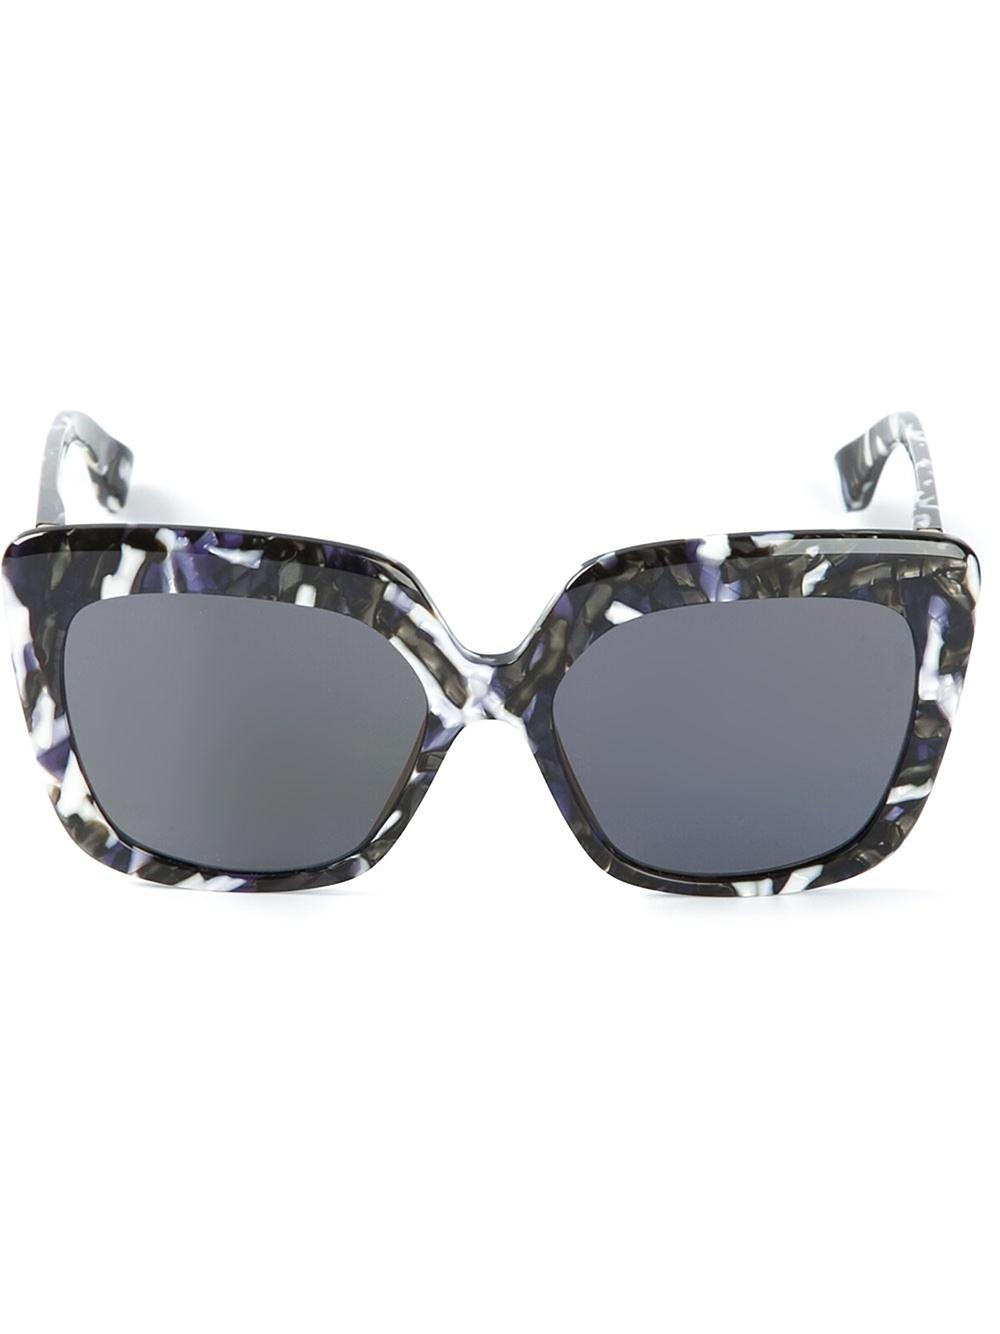 oculos mykita R$ 2990,00 farfetch.com.br, (11) 3958-8695.jpg